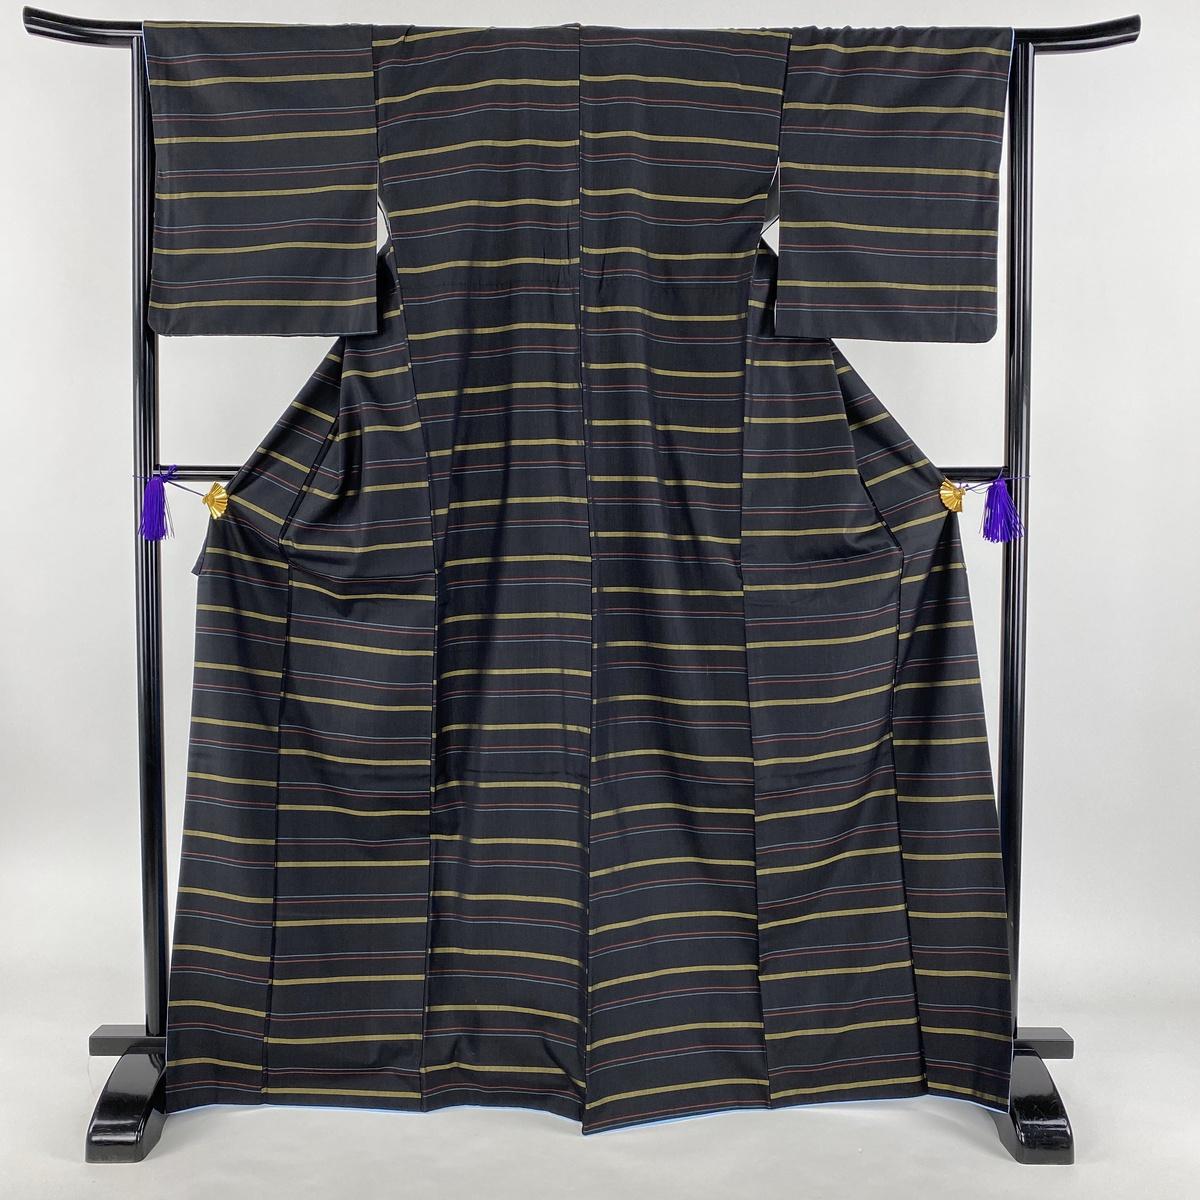 紬 美品 秀品 大島紬 横縞 黒 袷 身丈169.5cm 裄丈65.5cm M 正絹 【中古】